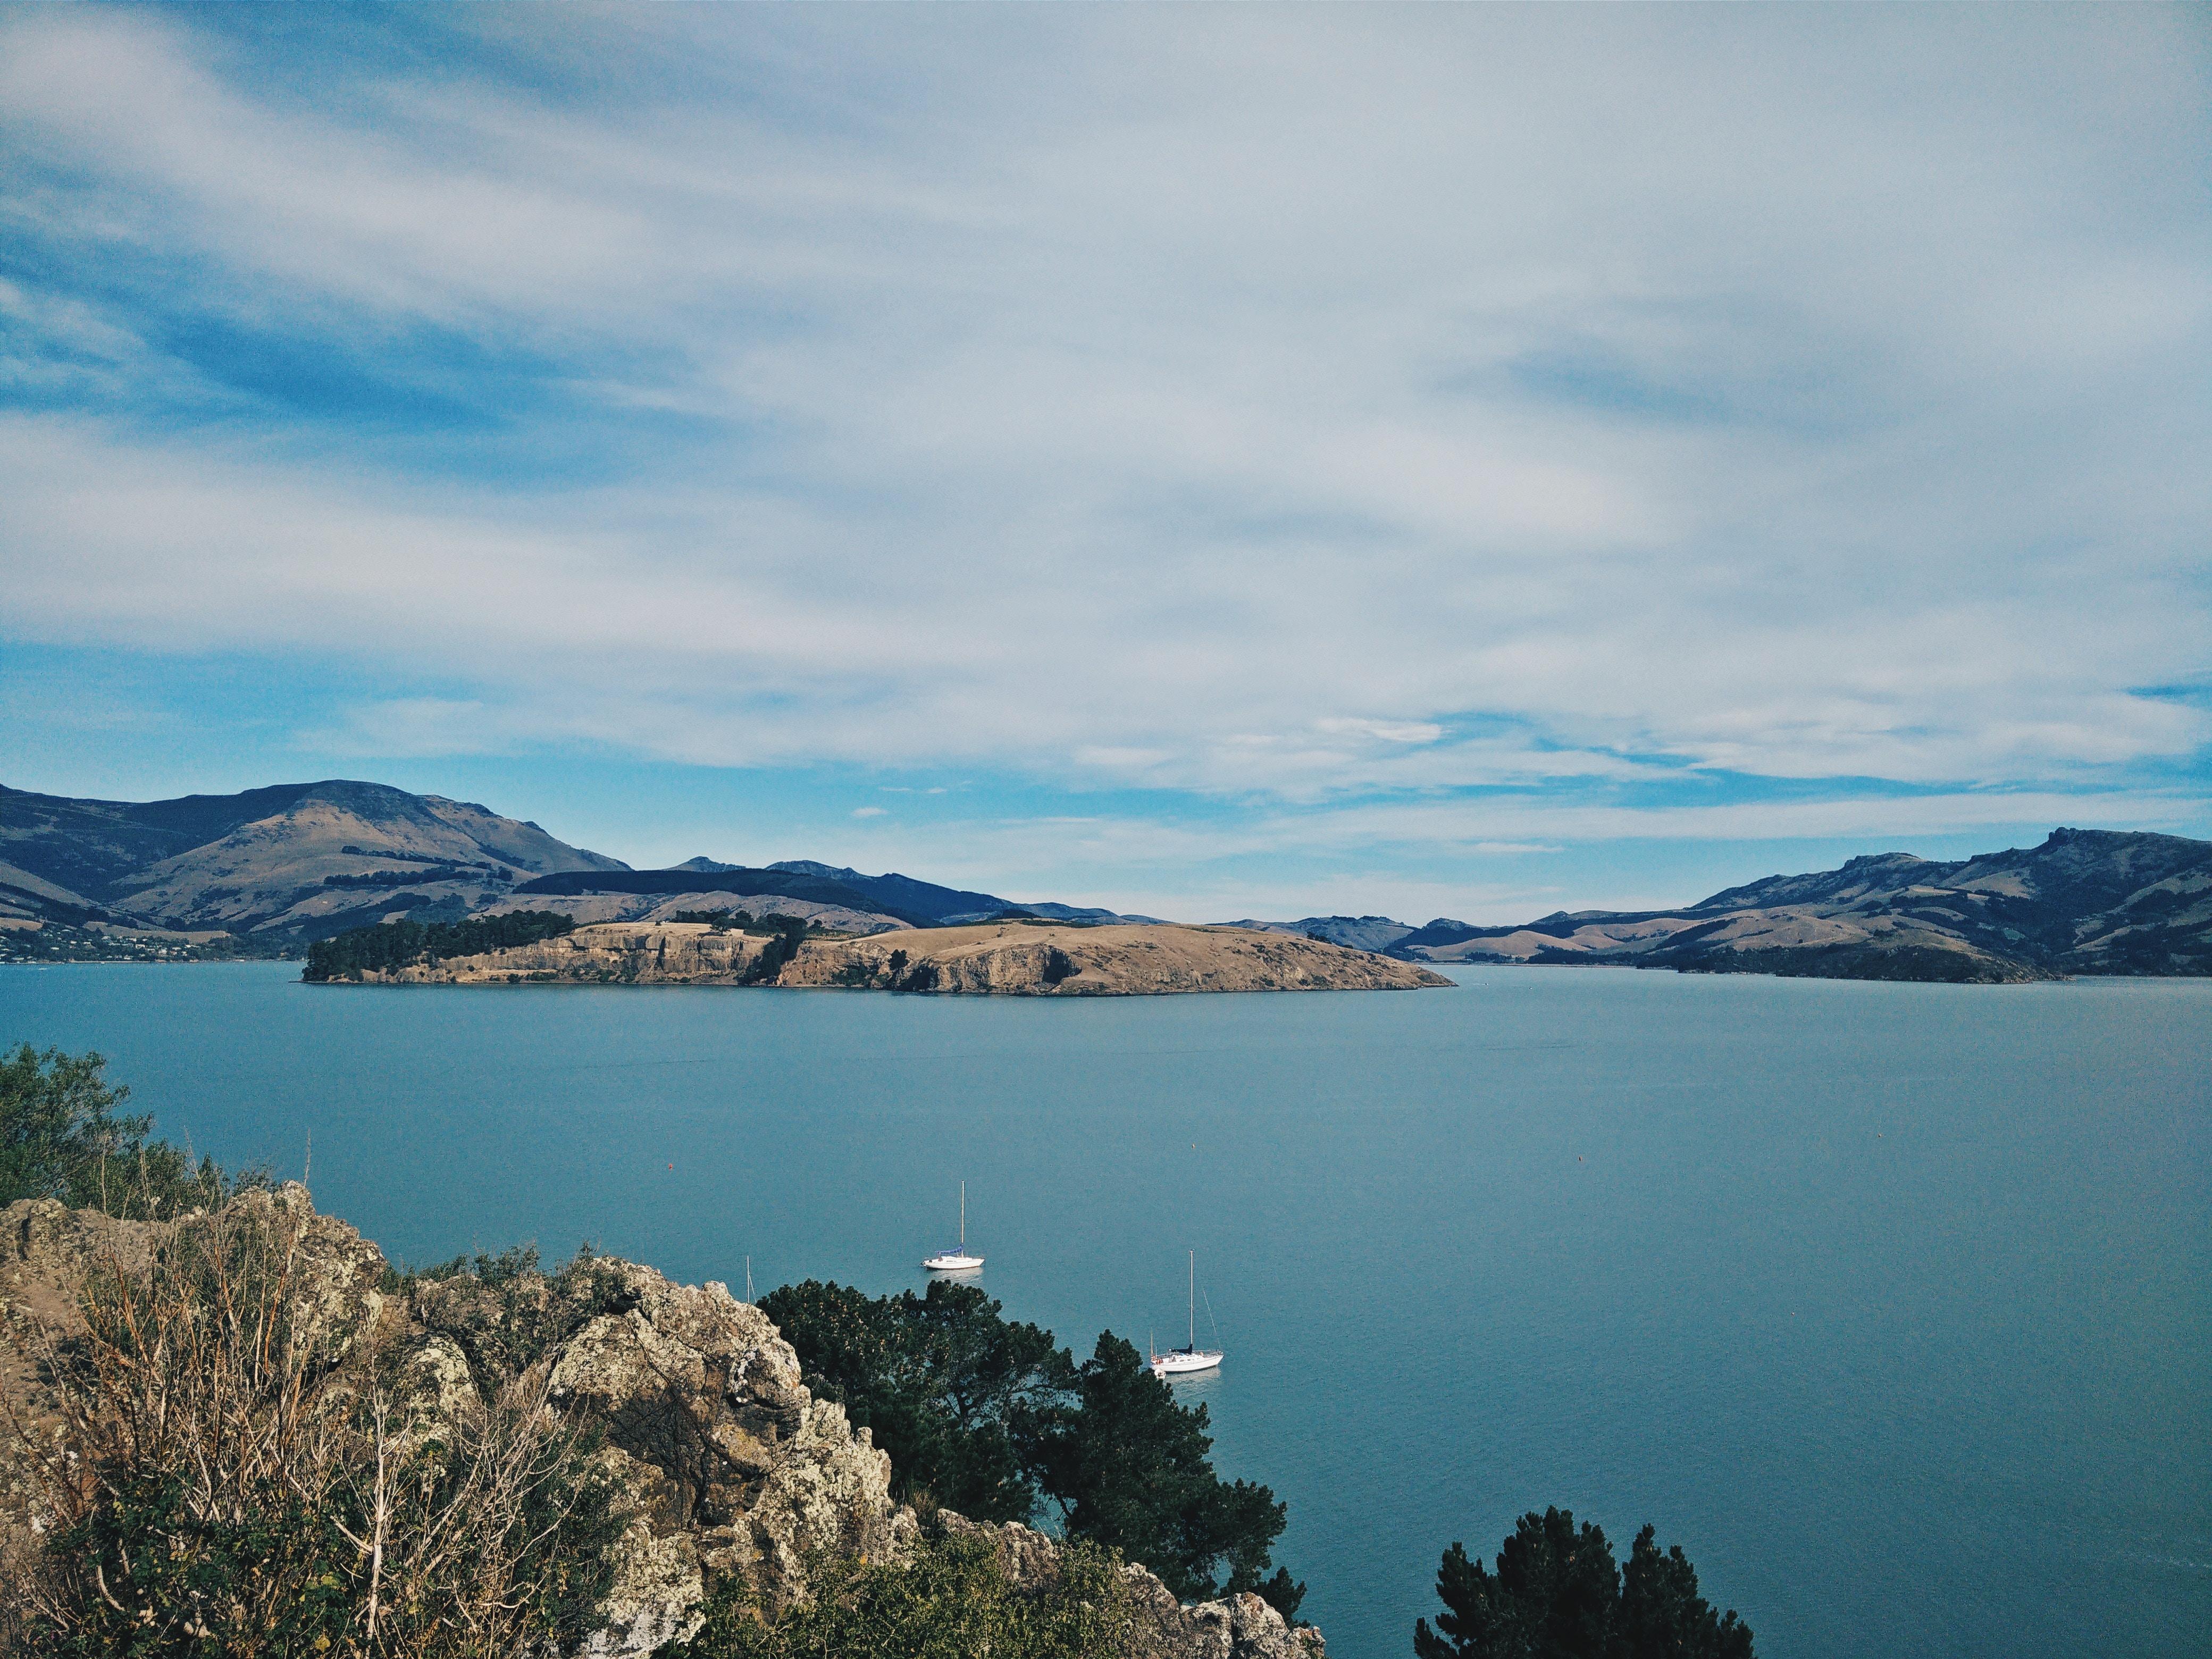 ニュージーランド留学が人気!ホームスティは高校生にもおすすめ!